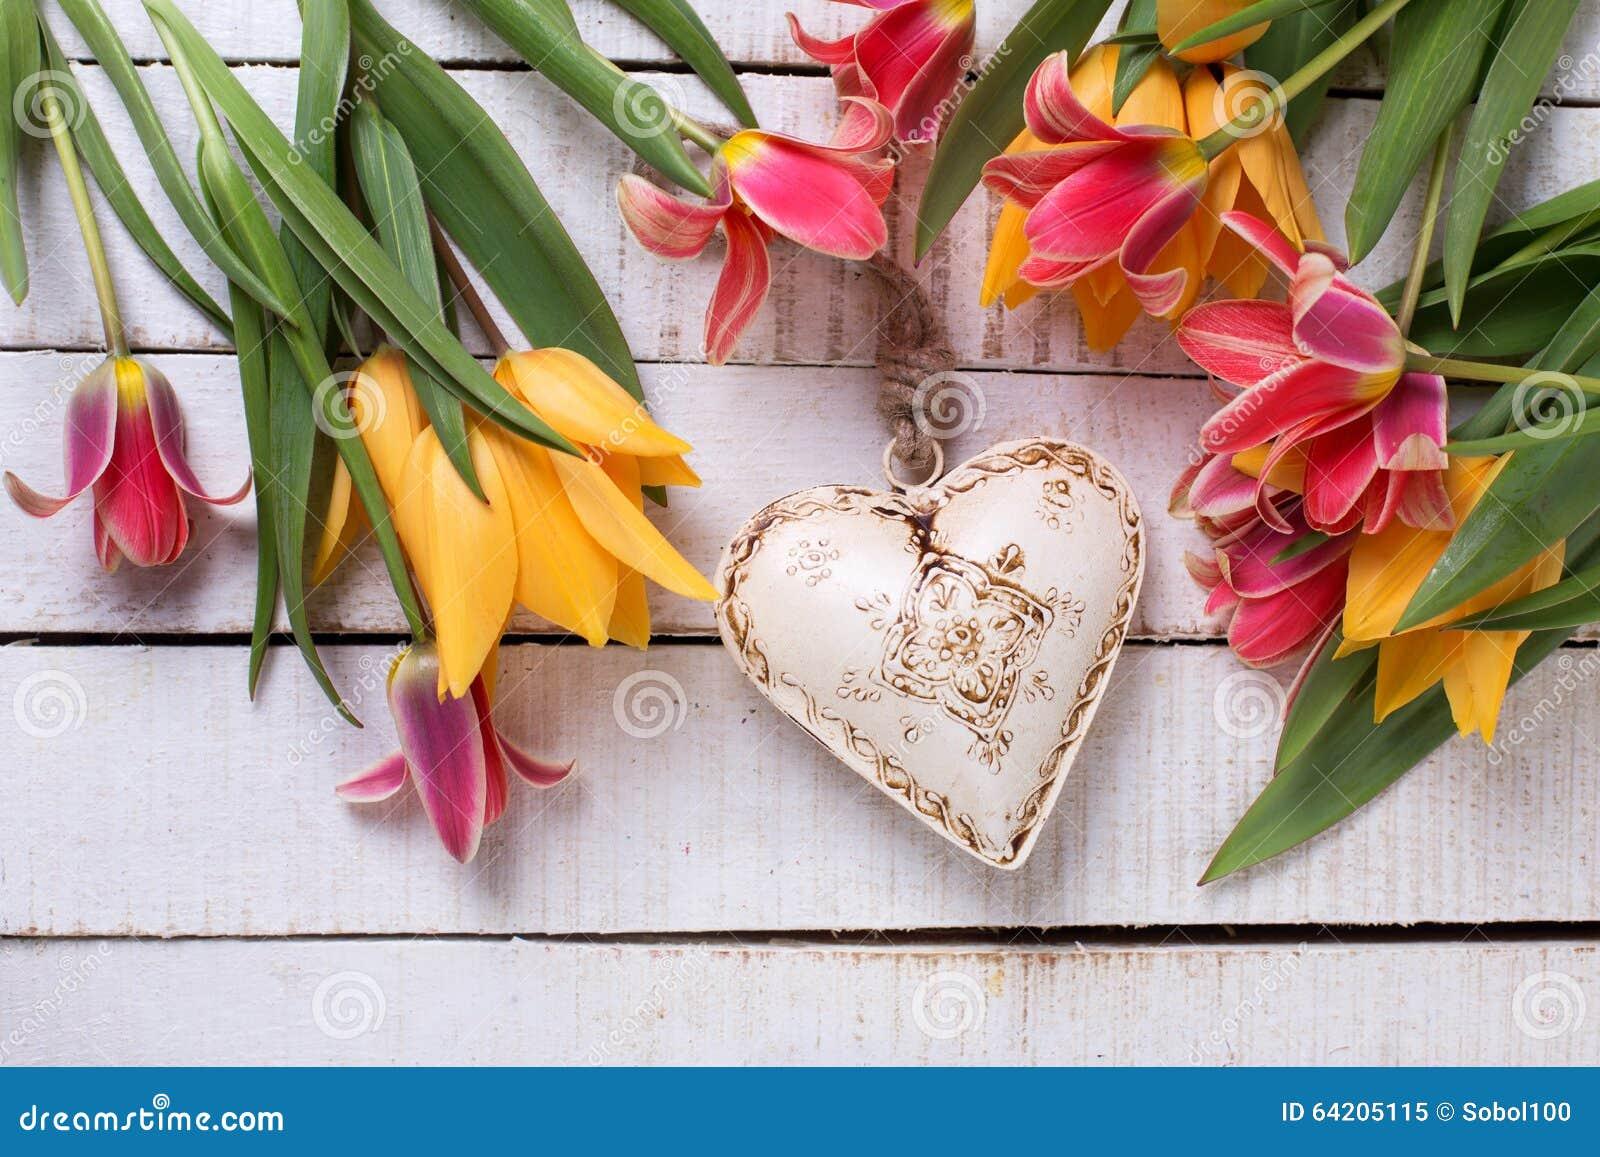 Tulipanes rojos y amarillos coloridos frescos y corazón decorativo blanco